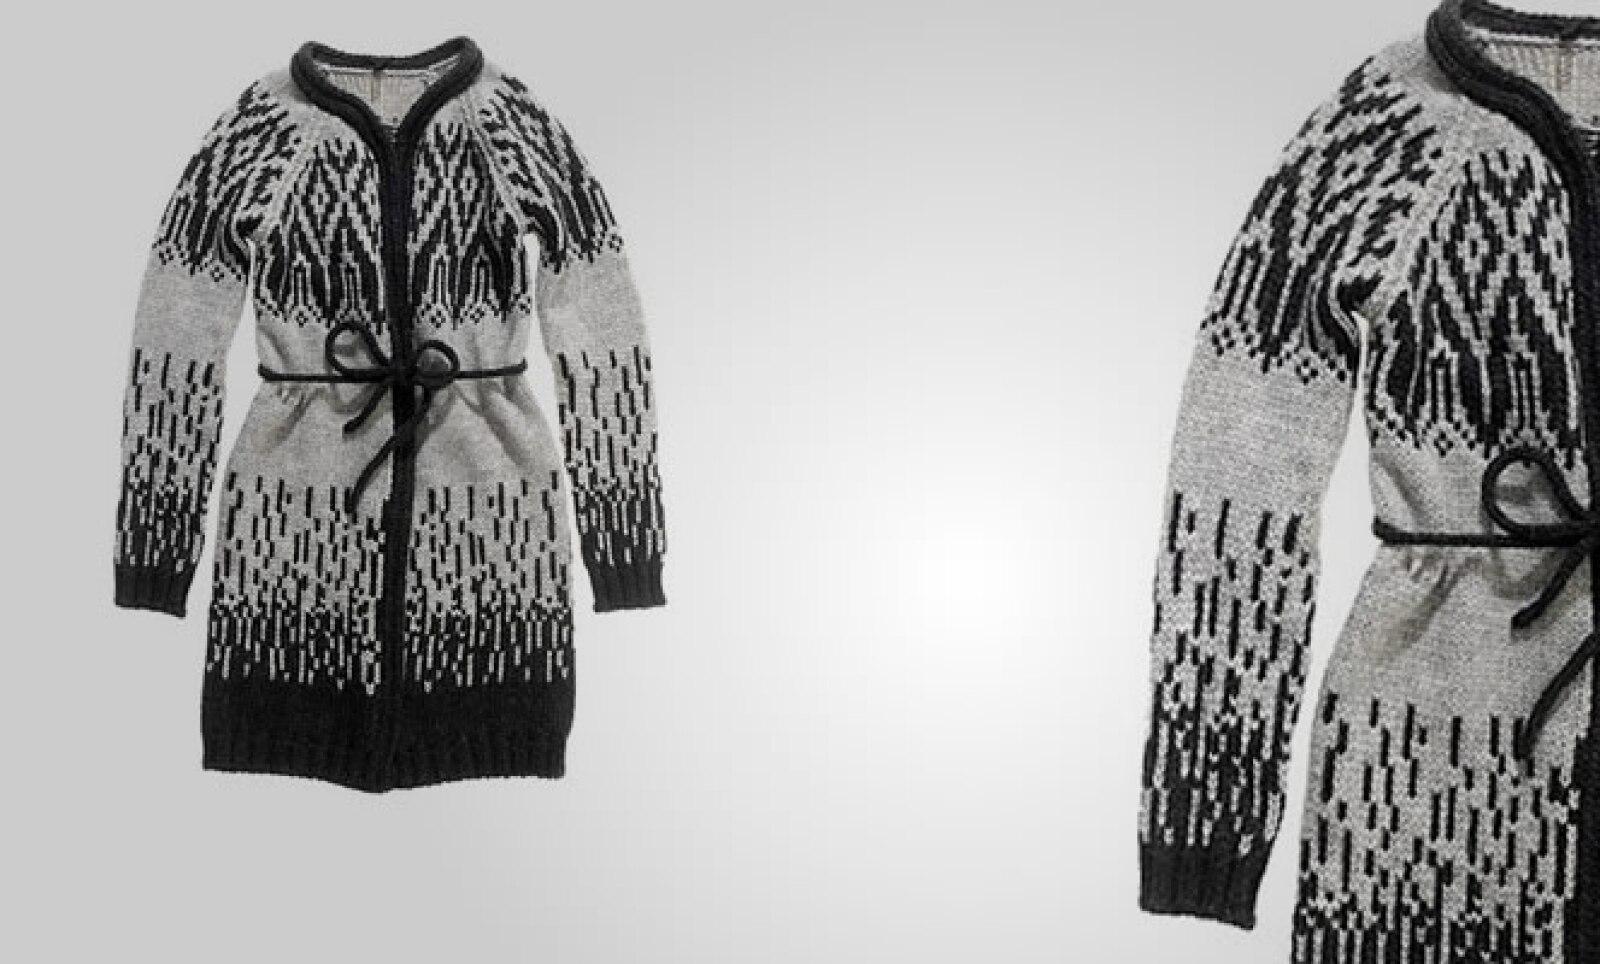 La casa de moda presentó su colección para el otoño invierno 2011, en donde predominan los colores pastel y tonos neutros.